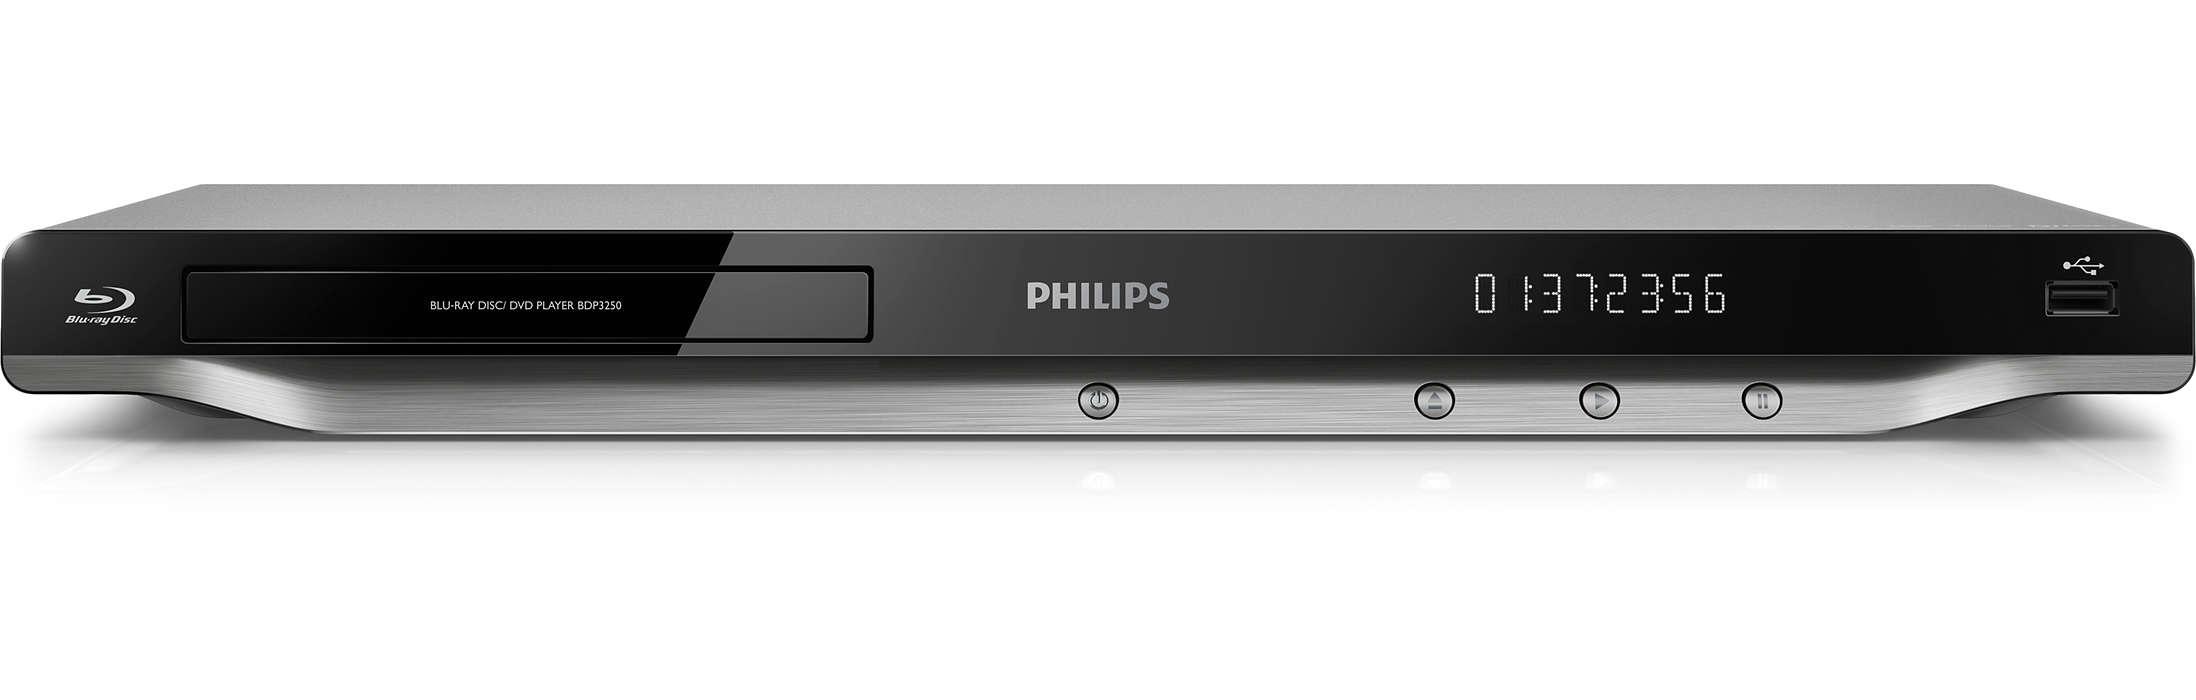 Φέρτε την κινηματογραφική εμπειρία του Blu-ray στο σπίτι σας